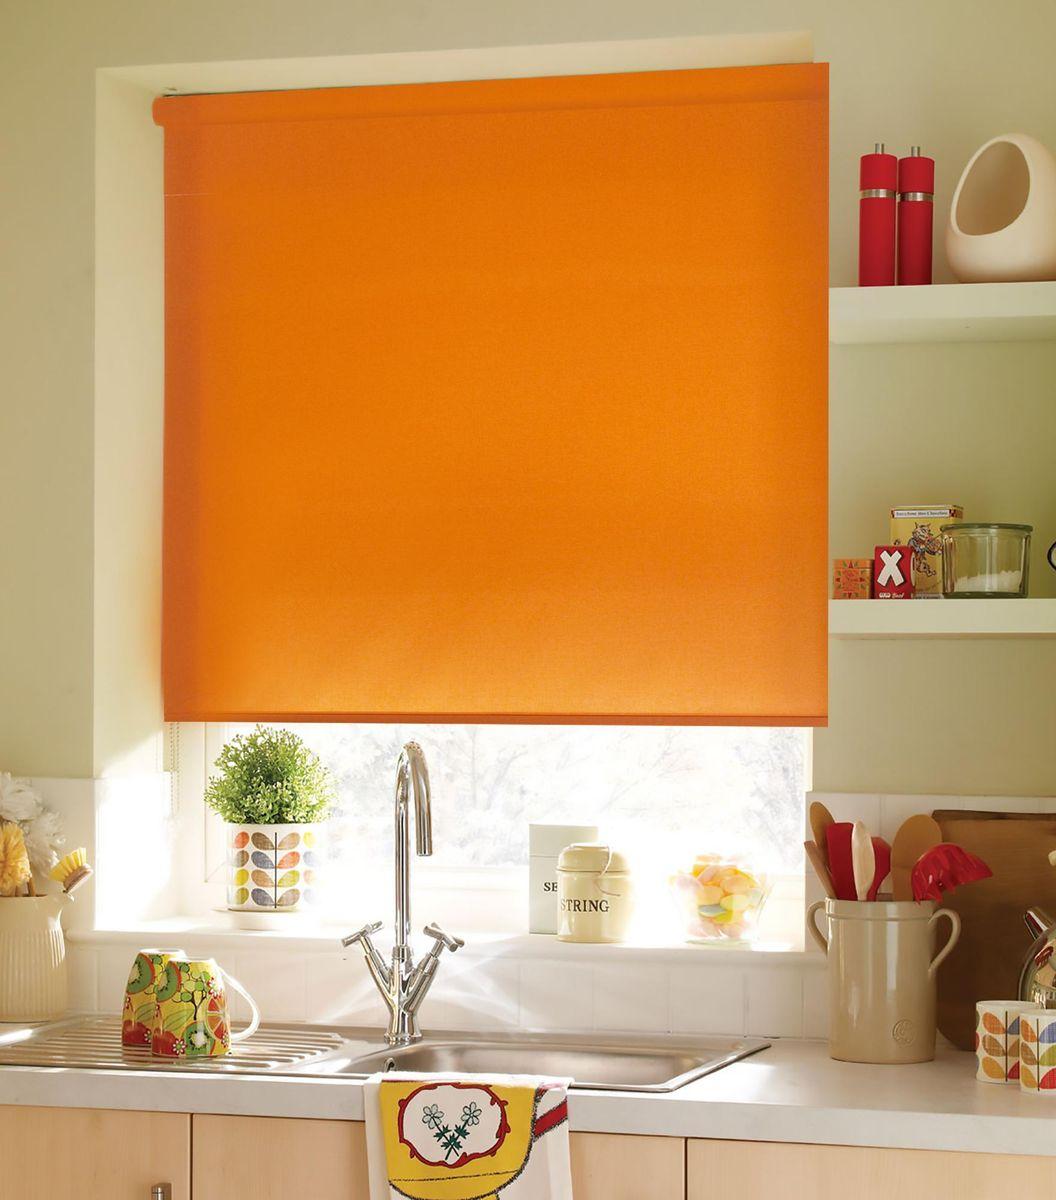 Штора рулонная Эскар, цвет: апельсиновый, ширина 80 см, высота 170 см1004900000360Рулонными шторами можно оформлять окна как самостоятельно, так и использовать в комбинации с портьерами. Это поможет предотвратить выгорание дорогой ткани на солнце и соединит функционал рулонных с красотой навесных.Преимущества применения рулонных штор для пластиковых окон:- имеют прекрасный внешний вид: многообразие и фактурность материала изделия отлично смотрятся в любом интерьере; - многофункциональны: есть возможность подобрать шторы способные эффективно защитить комнату от солнца, при этом о на не будет слишком темной. - Есть возможность осуществить быстрый монтаж. ВНИМАНИЕ! Размеры ширины изделия указаны по ширине ткани!Во время эксплуатации не рекомендуется полностью разматывать рулон, чтобы не оторвать ткань от намоточного вала.В случае загрязнения поверхности ткани, чистку шторы проводят одним из способов, в зависимости от типа загрязнения: легкое поверхностное загрязнение можно удалить при помощи канцелярского ластика; чистка от пыли производится сухим методом при помощи пылесоса с мягкой щеткой-насадкой; для удаления пятна используйте мягкую губку с пенообразующим неагрессивным моющим средством или пятновыводитель на натуральной основе (нельзя применять растворители).